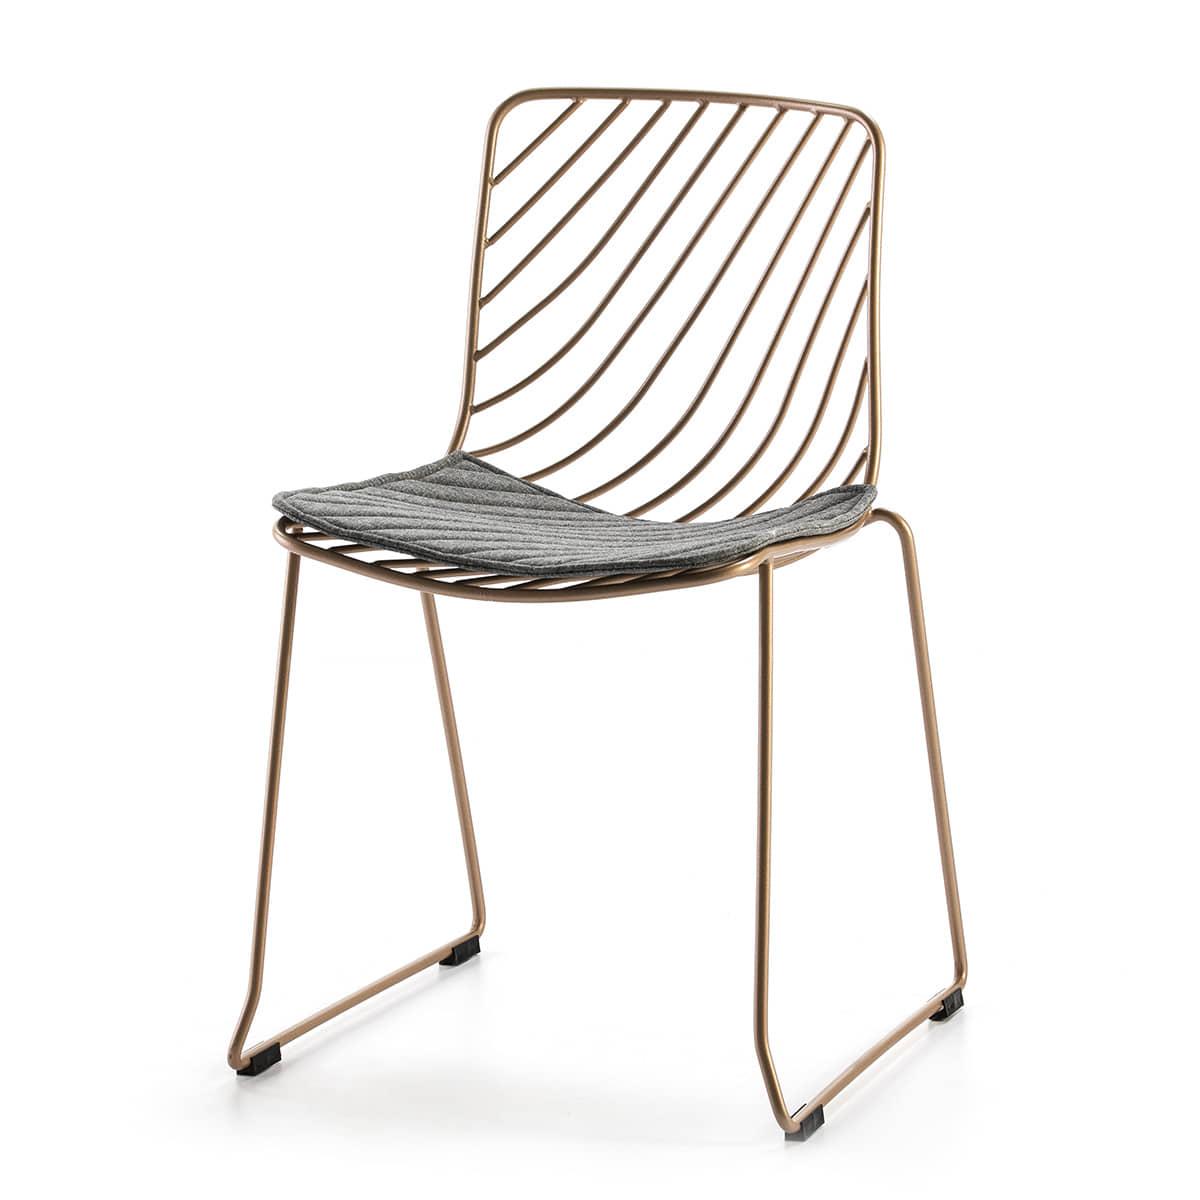 silla-diseño-metal-dorado-negro